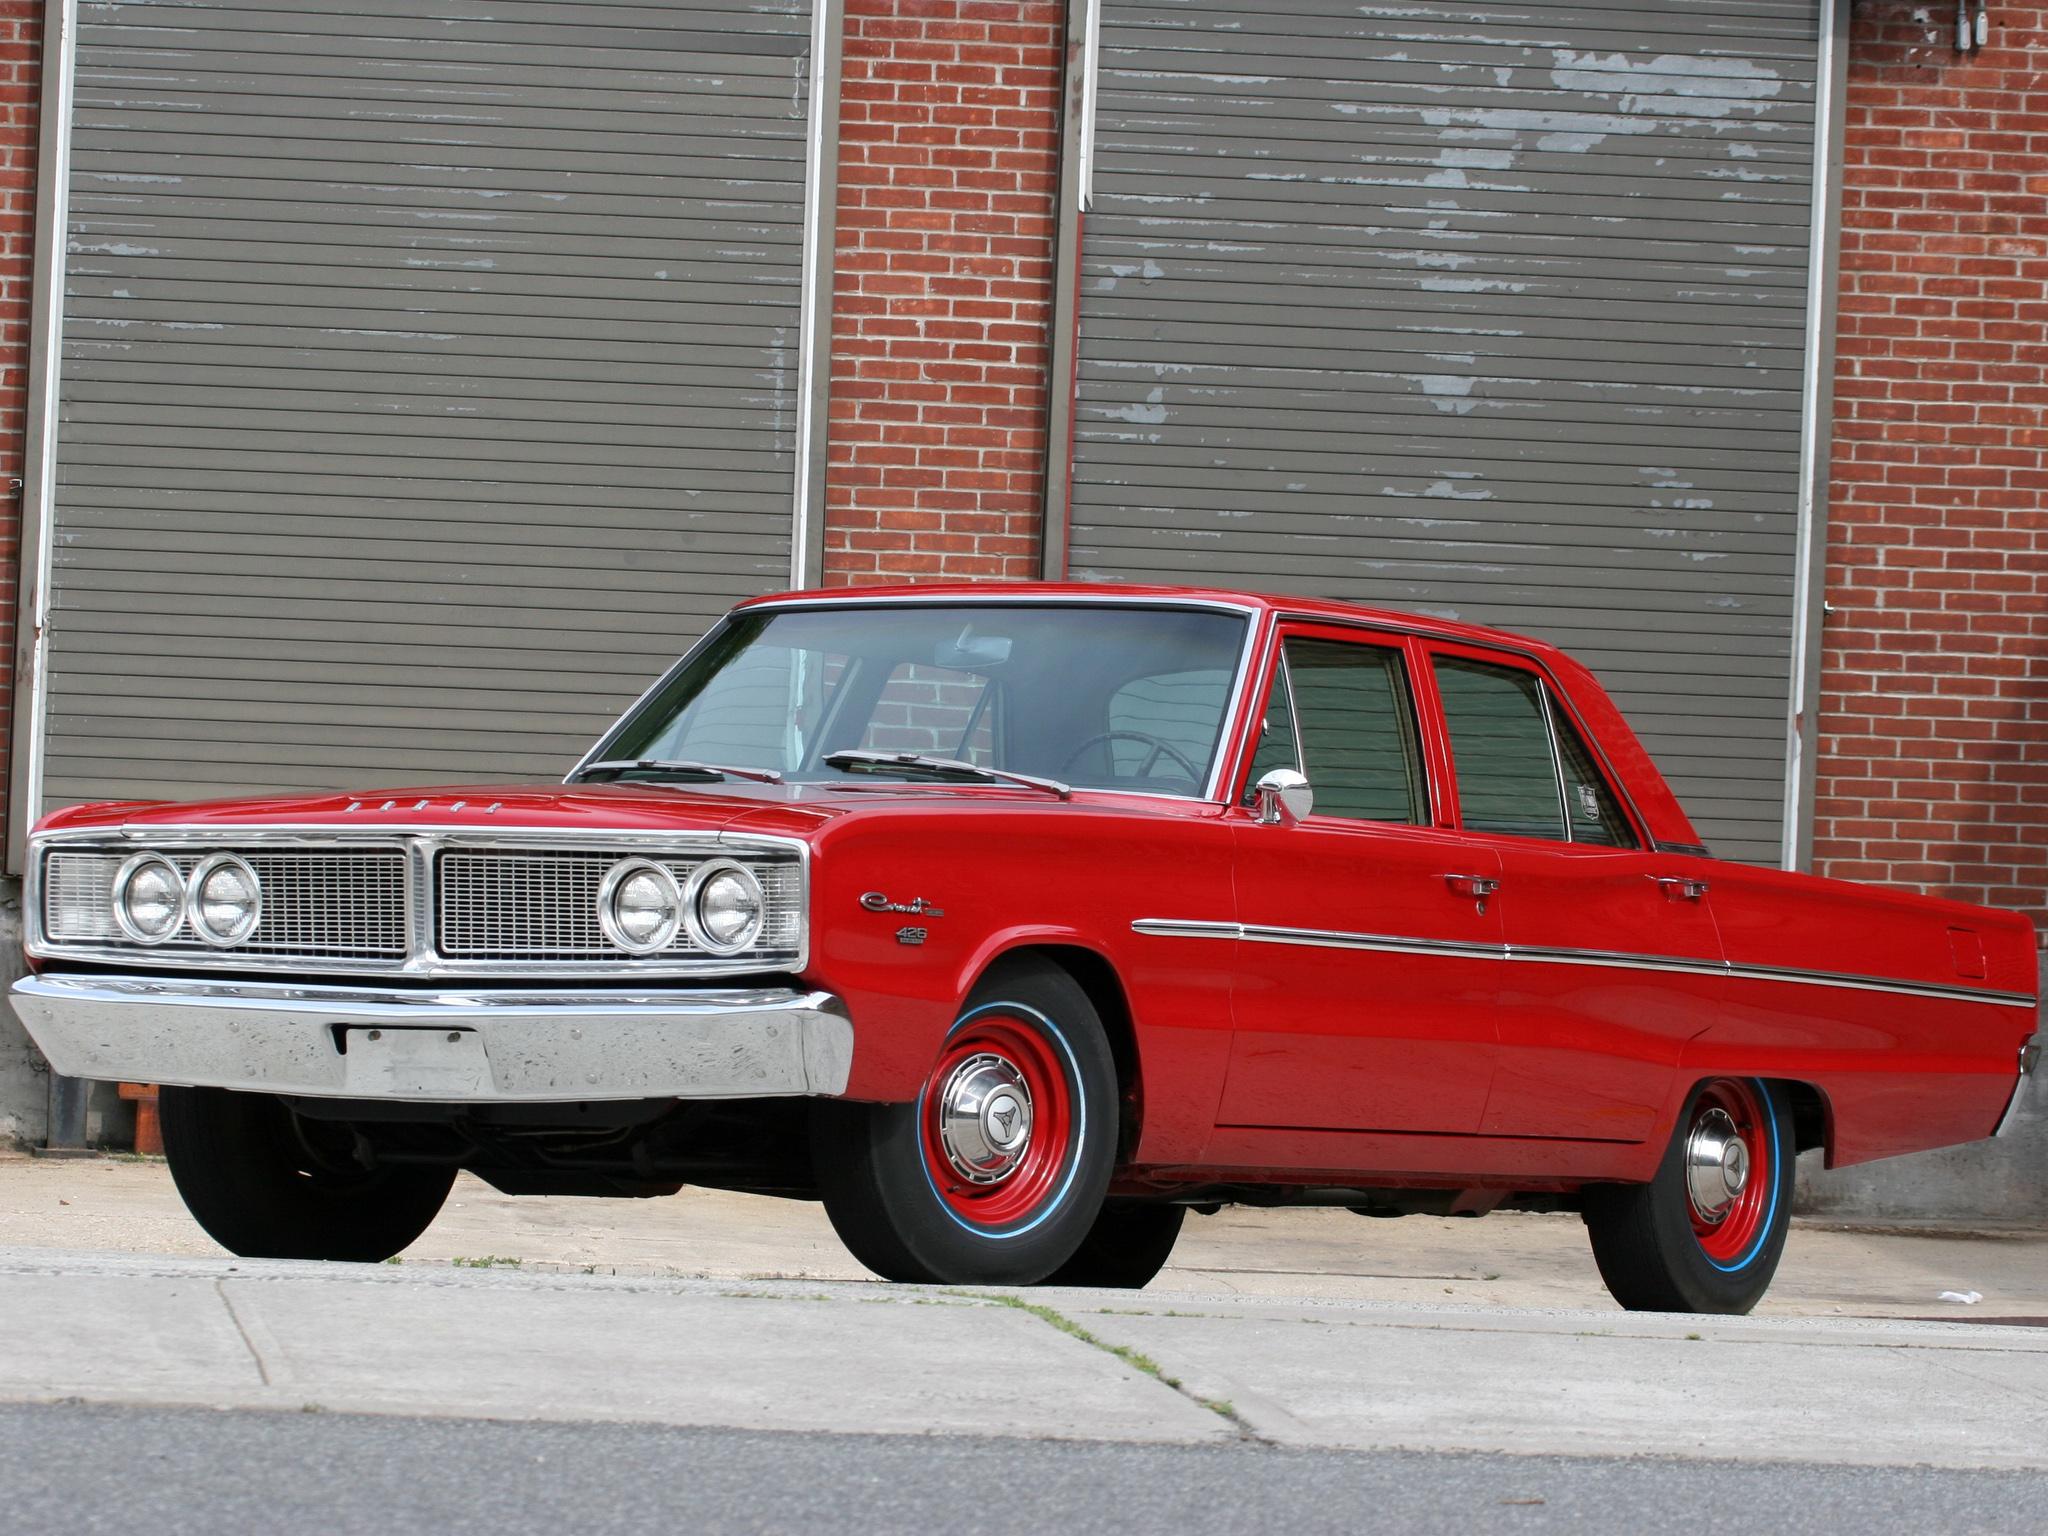 1966 dodge coronet deluxe 426 hemi 4 door sedan muscle. Black Bedroom Furniture Sets. Home Design Ideas